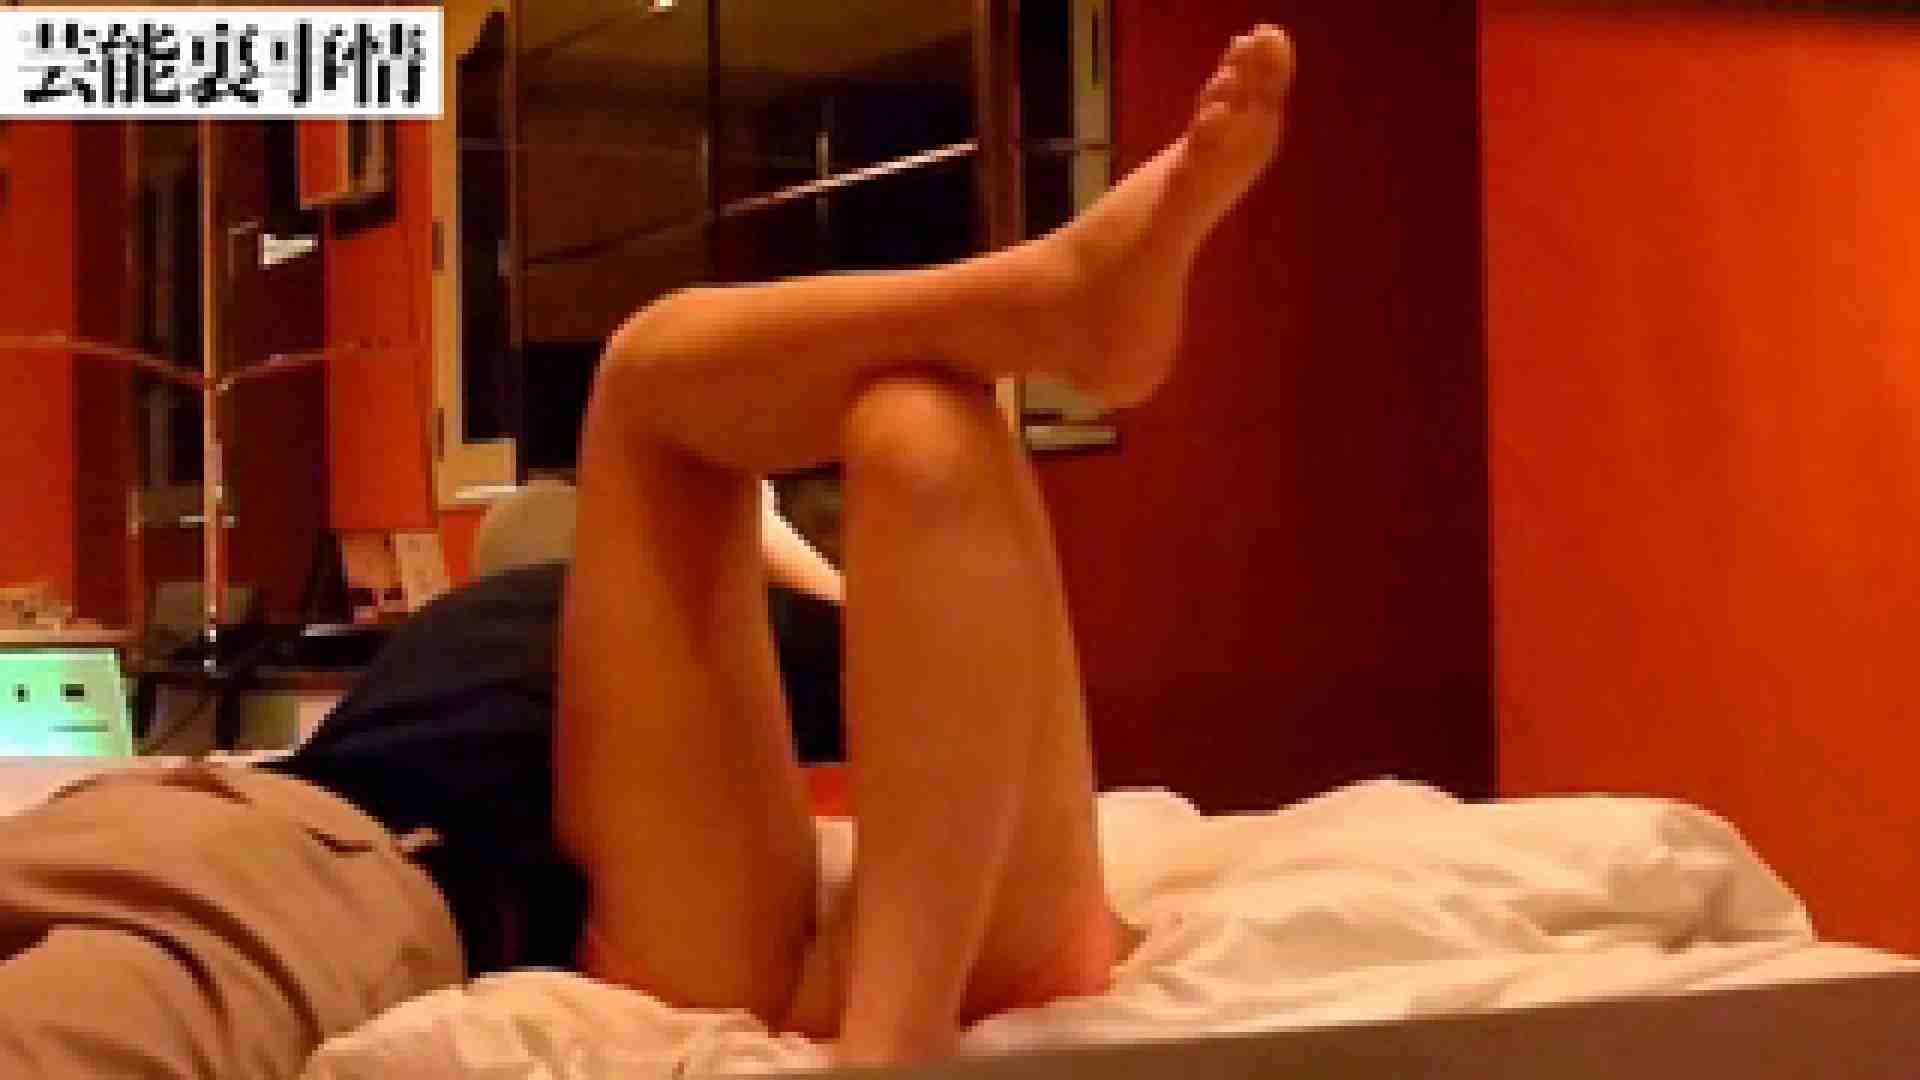 某芸能プロダクションの裏のお仕事12 韓流 おまんこ無修正動画無料 69pic 65